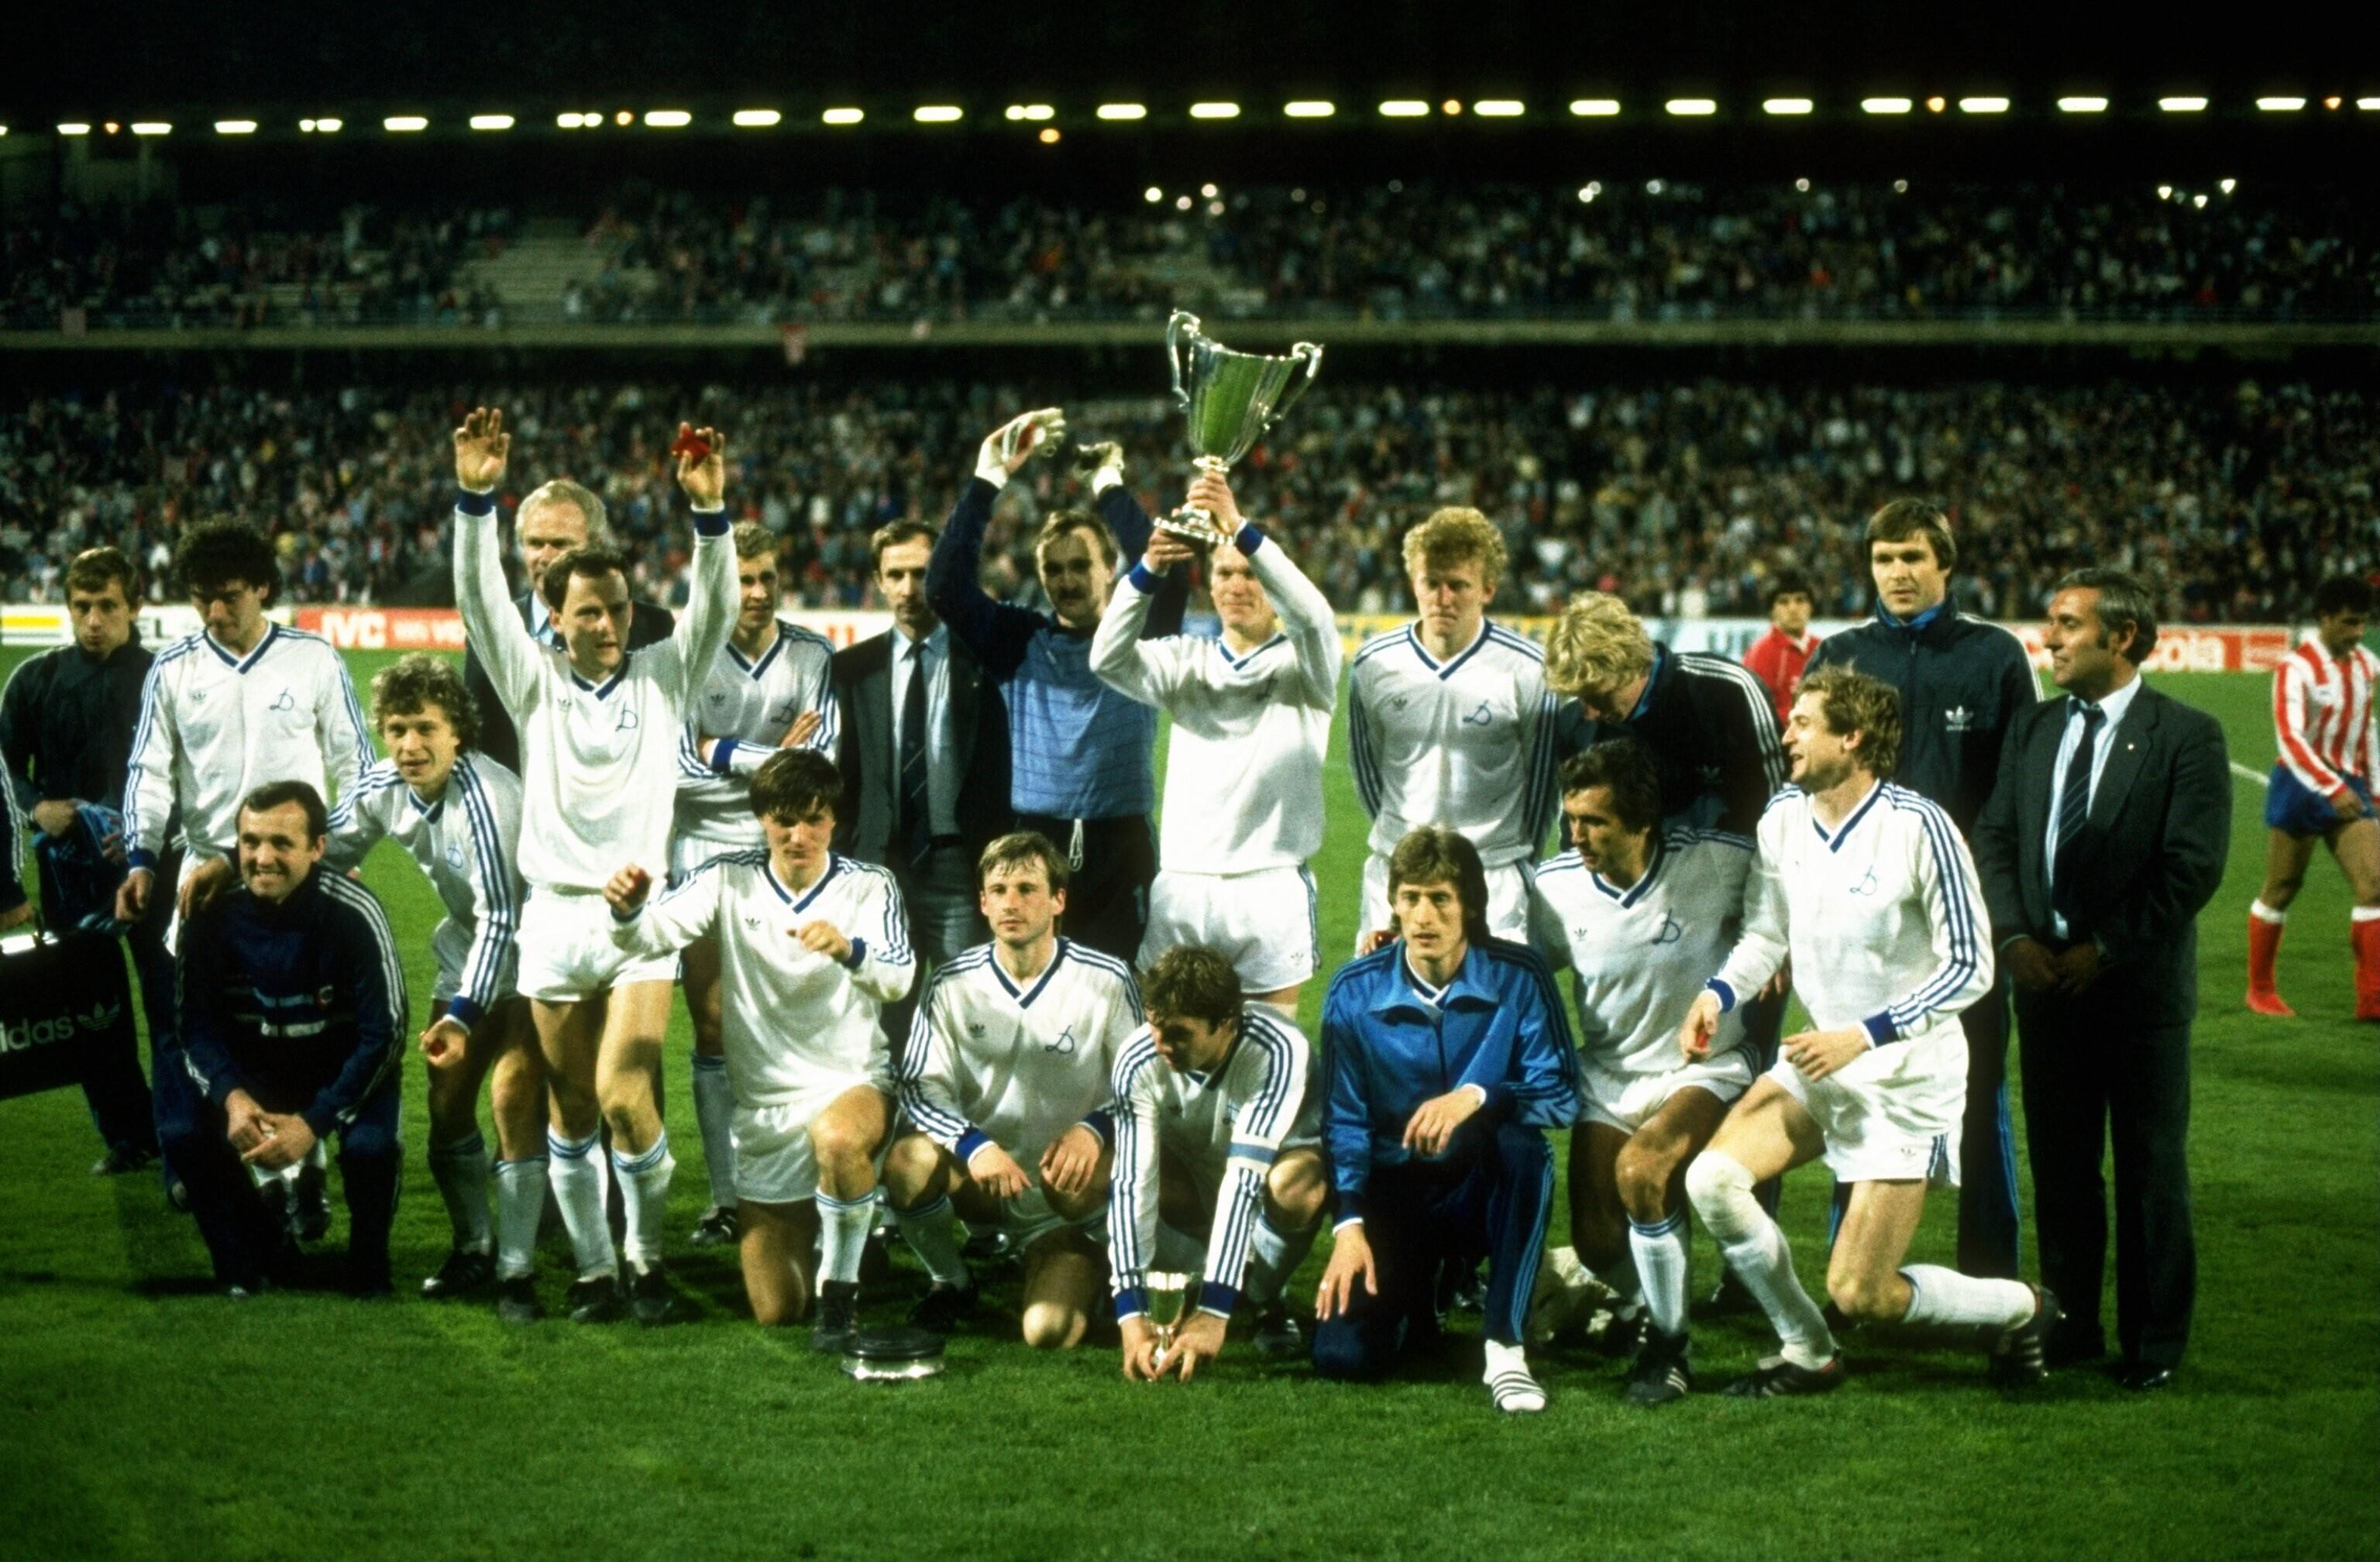 Тест: вспомните всех победителей Кубка кубков? 33 клуба брали этот второй по значимости евротрофей